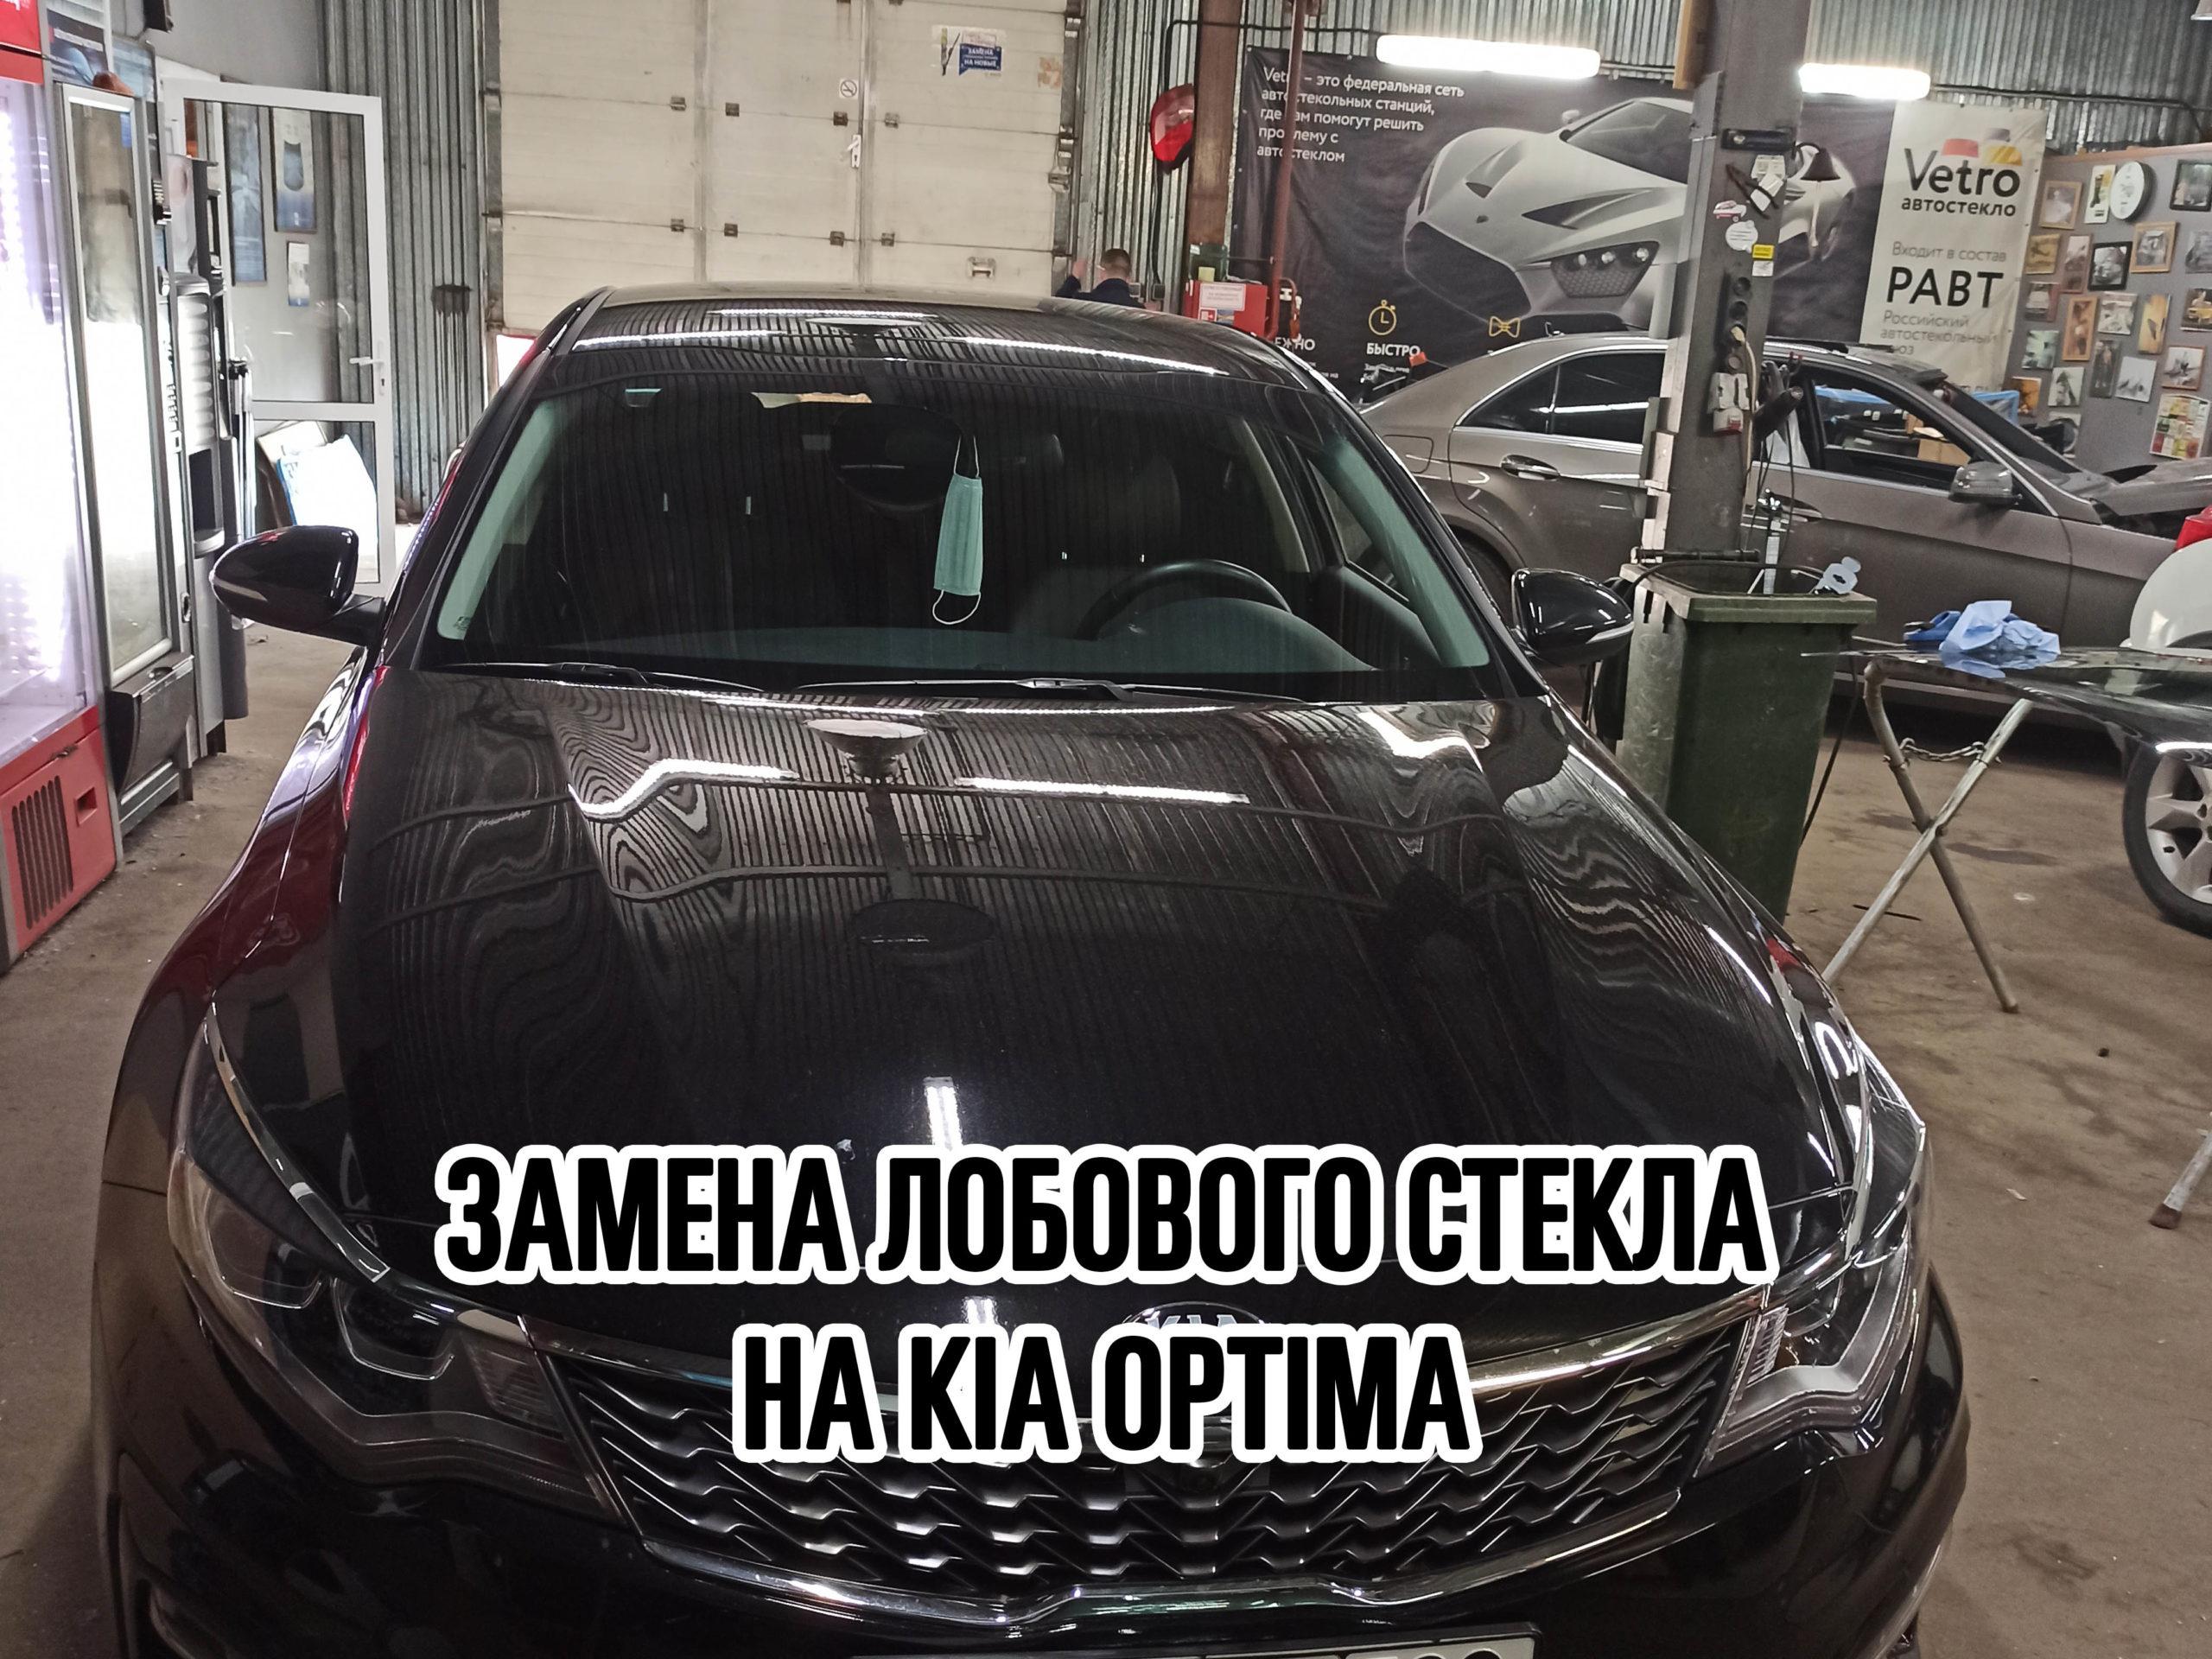 Лобовое стекло на KIA Optima купить и установить в Москве